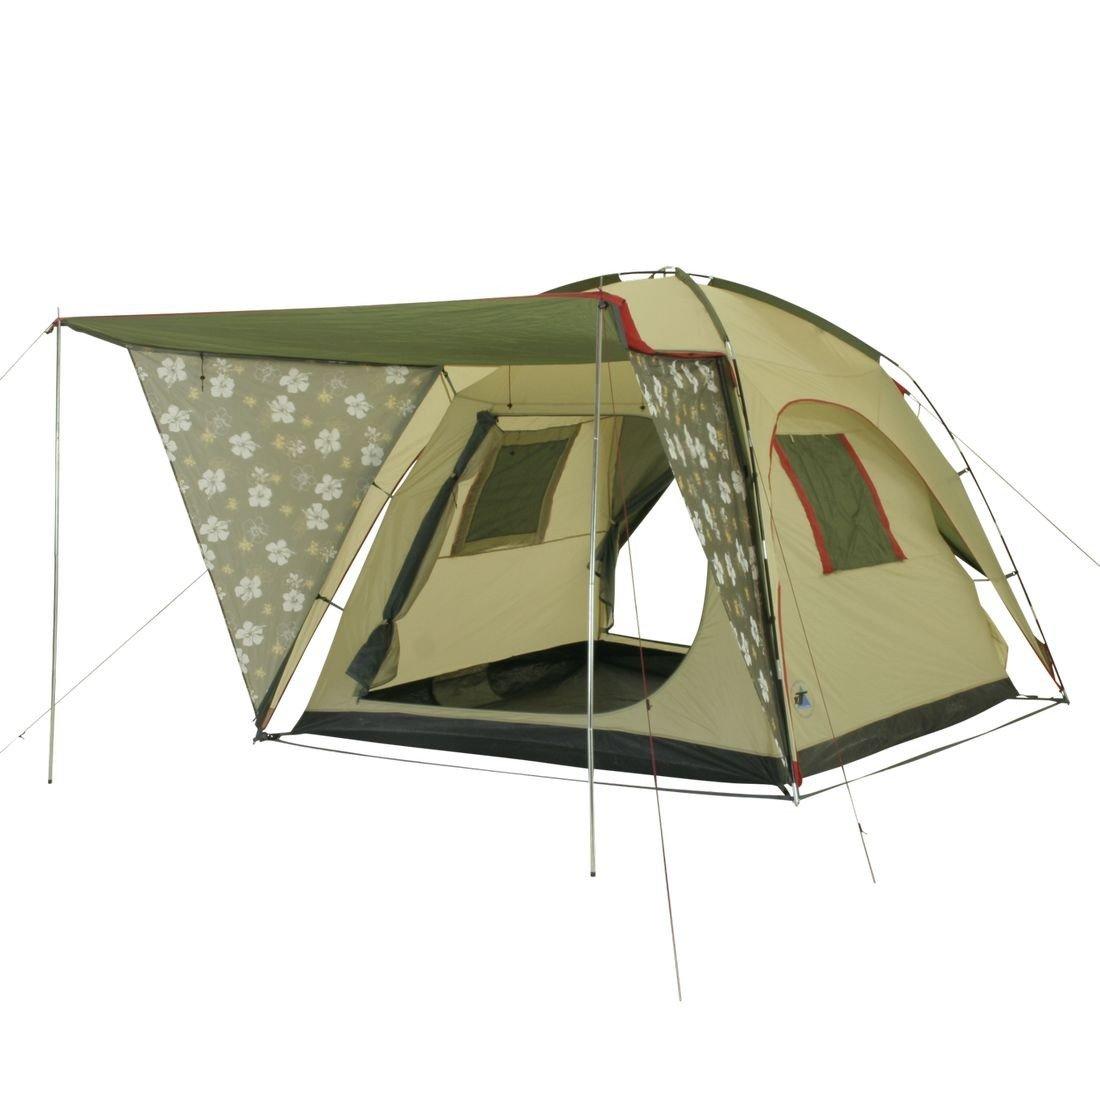 10T Camping-Zelt Flowerville Kuppelzelt mit XXL Schlafbereich für 4 Personen Outdoor Familienzelt mit Sonnnedach, Dauerbelüftung, Bodenplane, wasserdicht mit 5000mm Wassersäule